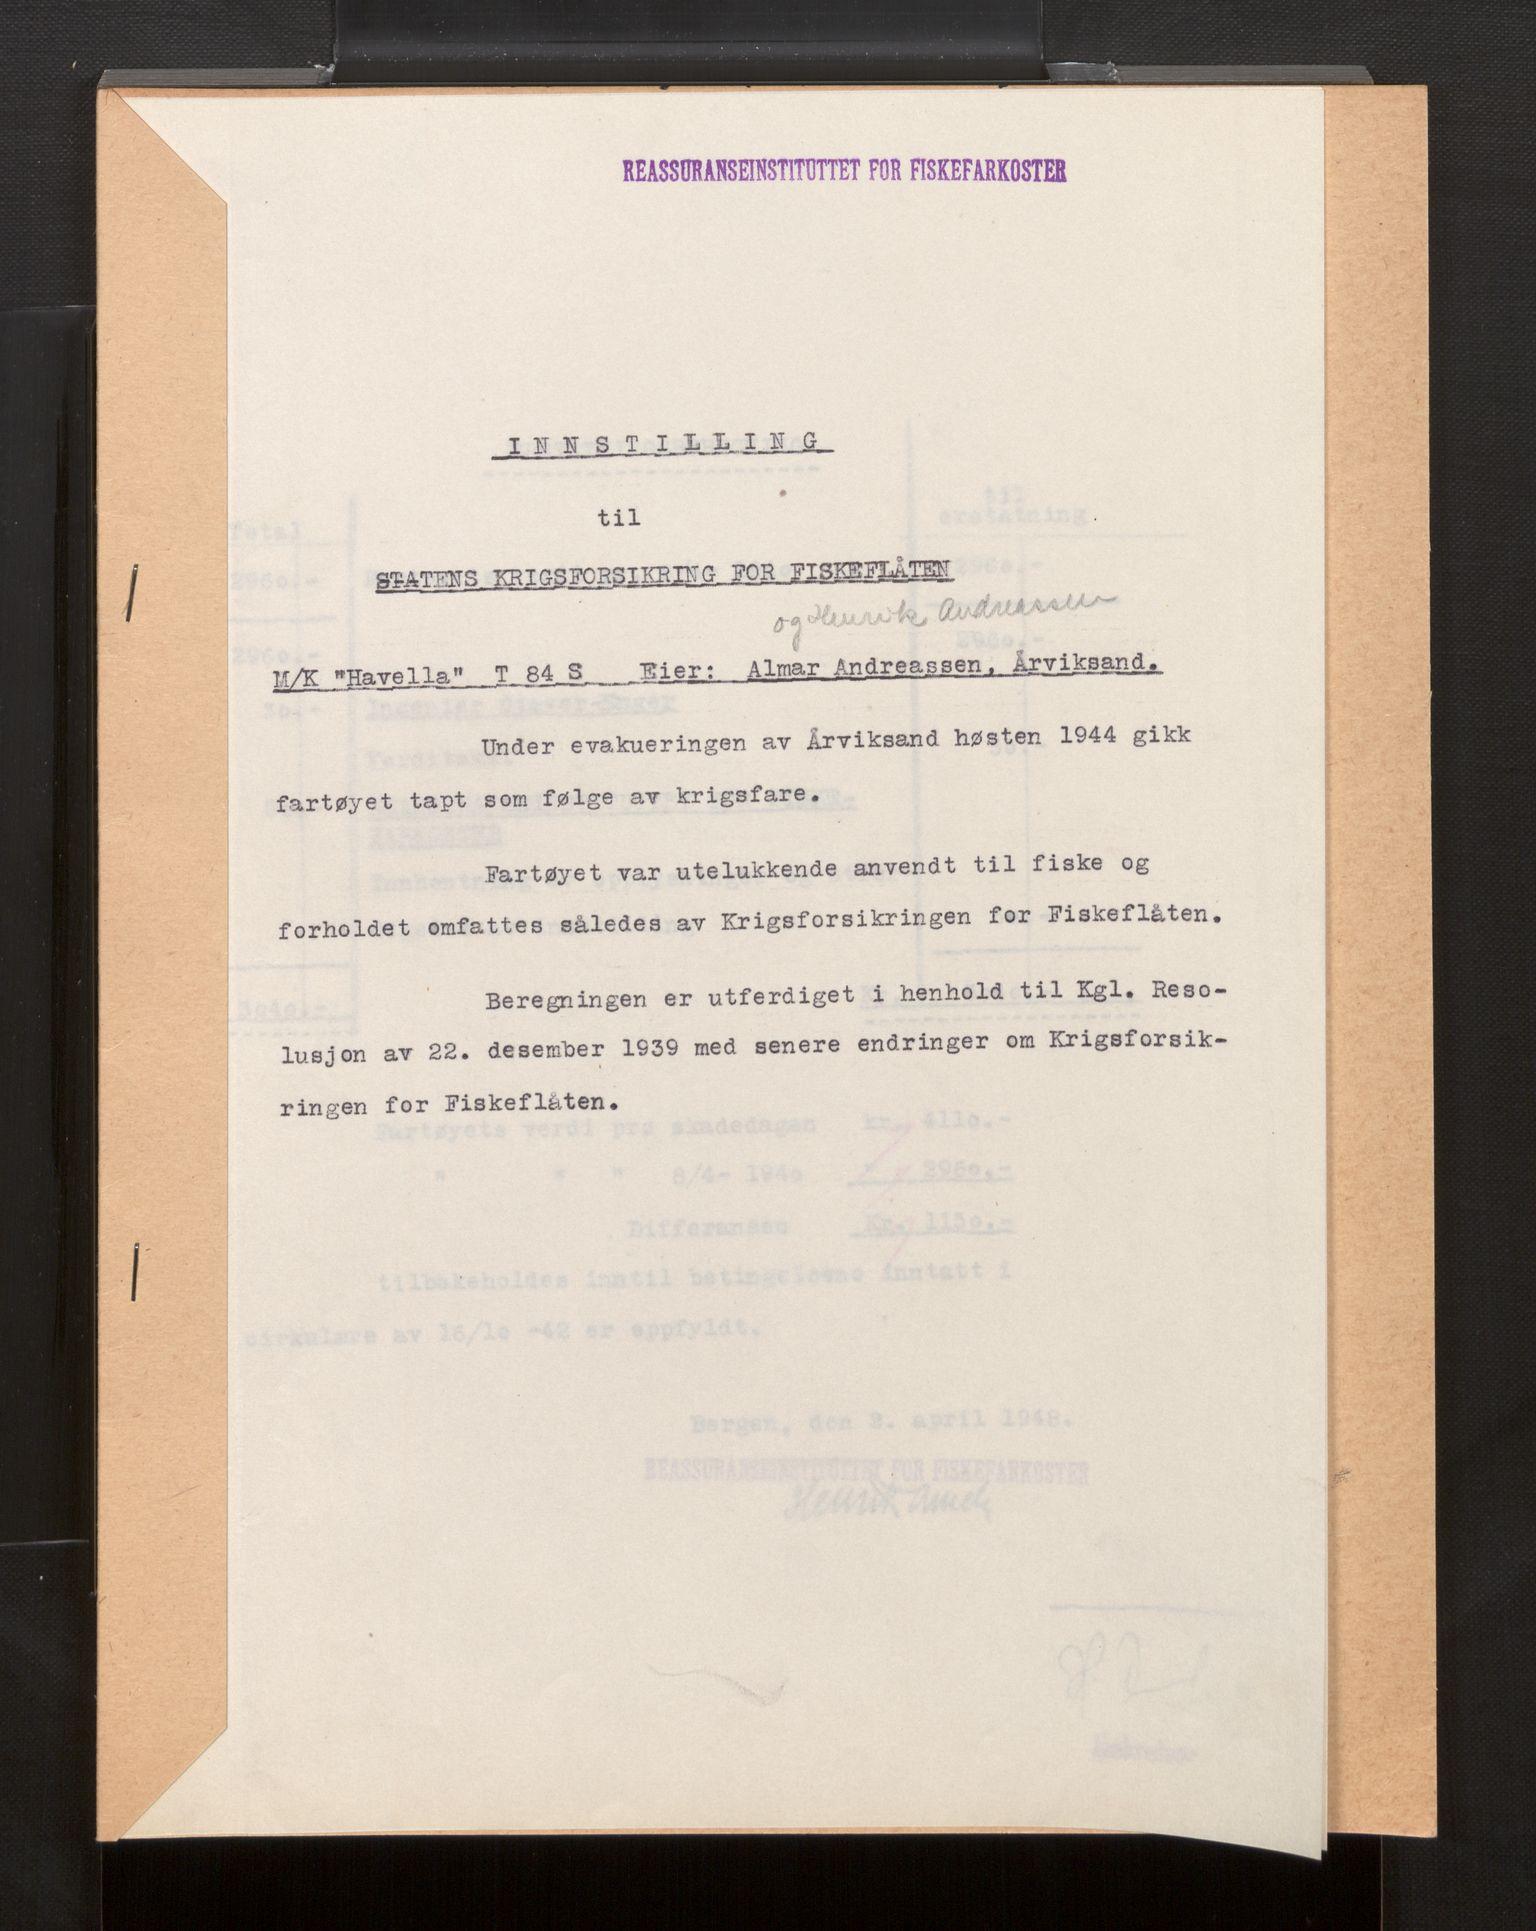 SAB, Fiskeridirektoratet - 1 Adm. ledelse - 13 Båtkontoret, La/L0042: Statens krigsforsikring for fiskeflåten, 1936-1971, s. 384